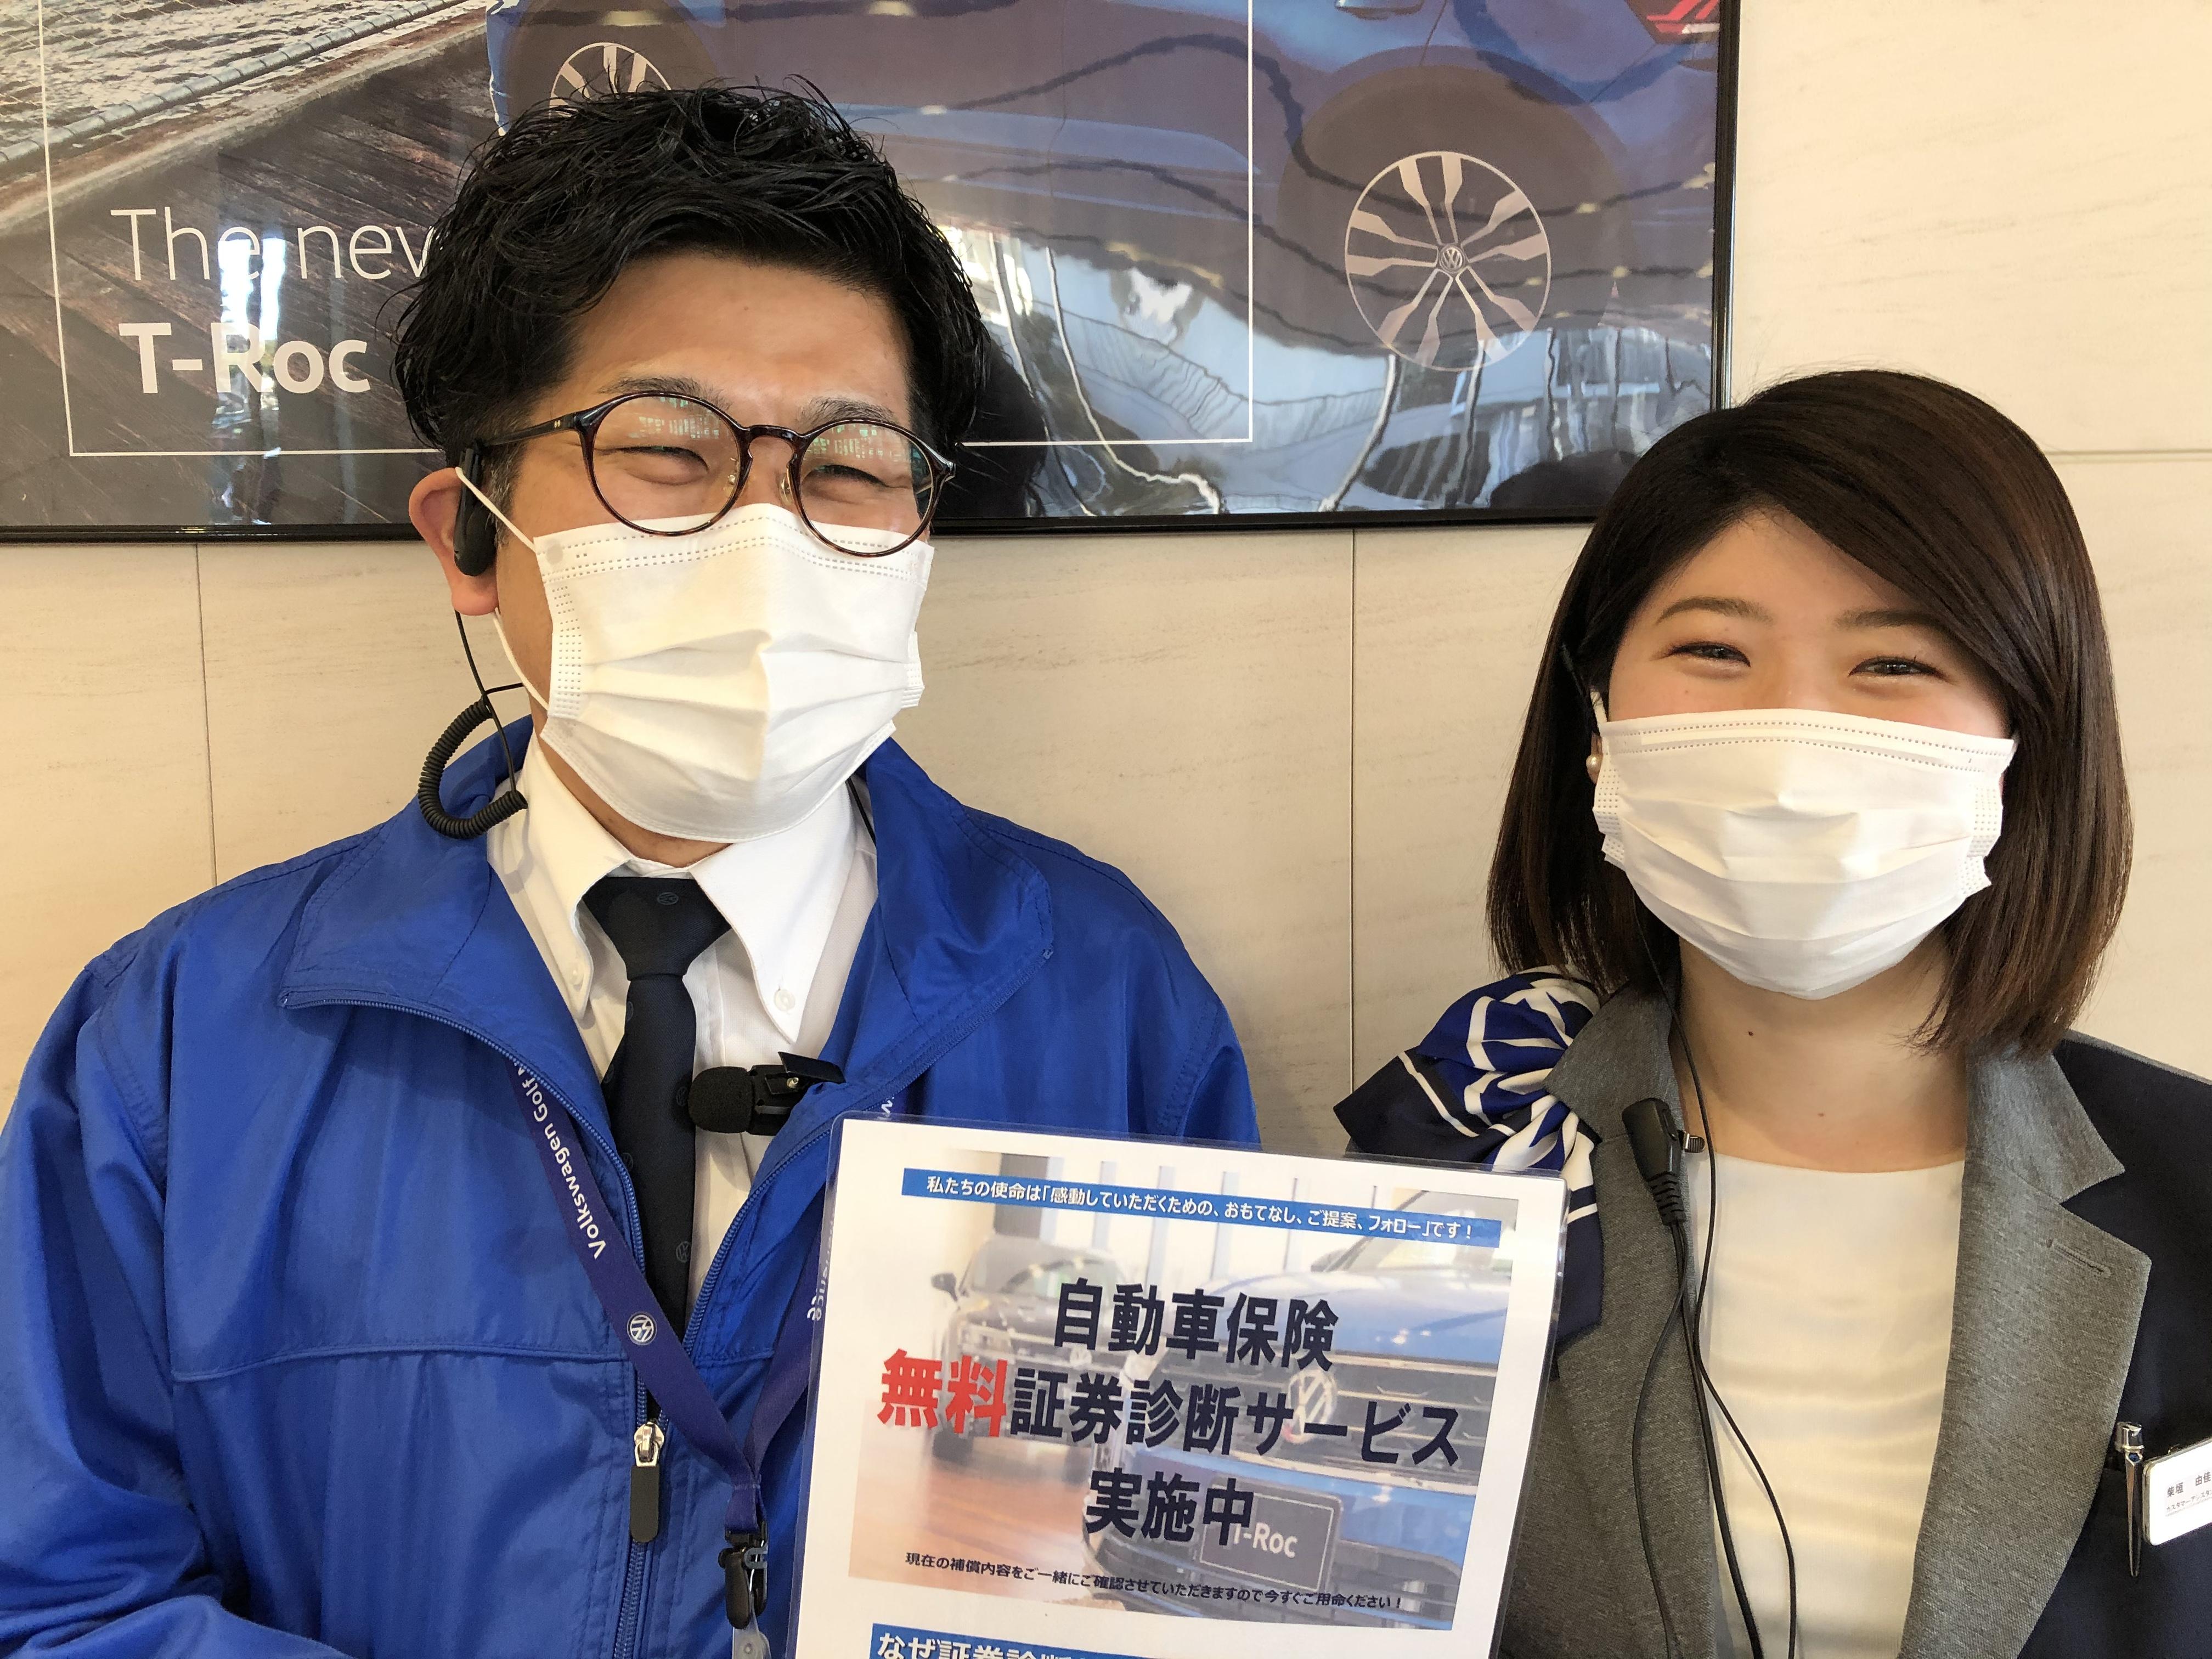 その自動車保険、ご自身に合っていますか?【VW神戸東無料診断キャンペーン】